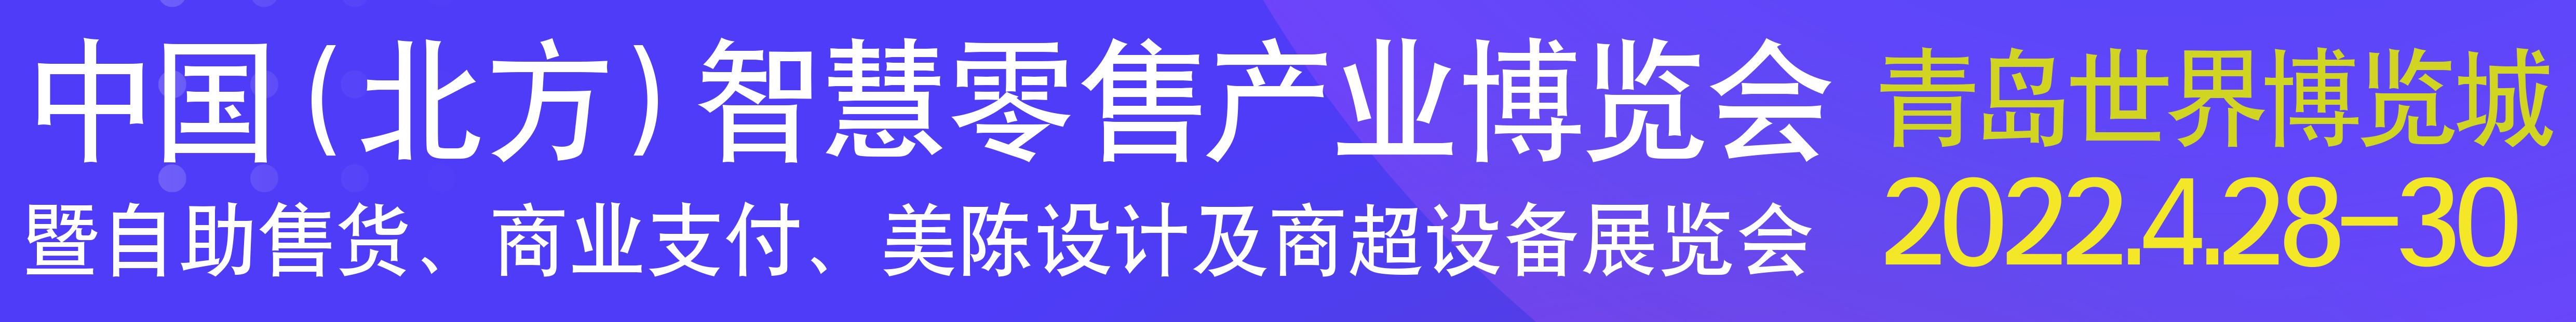 2022中国(北方)智慧零售产业博览会